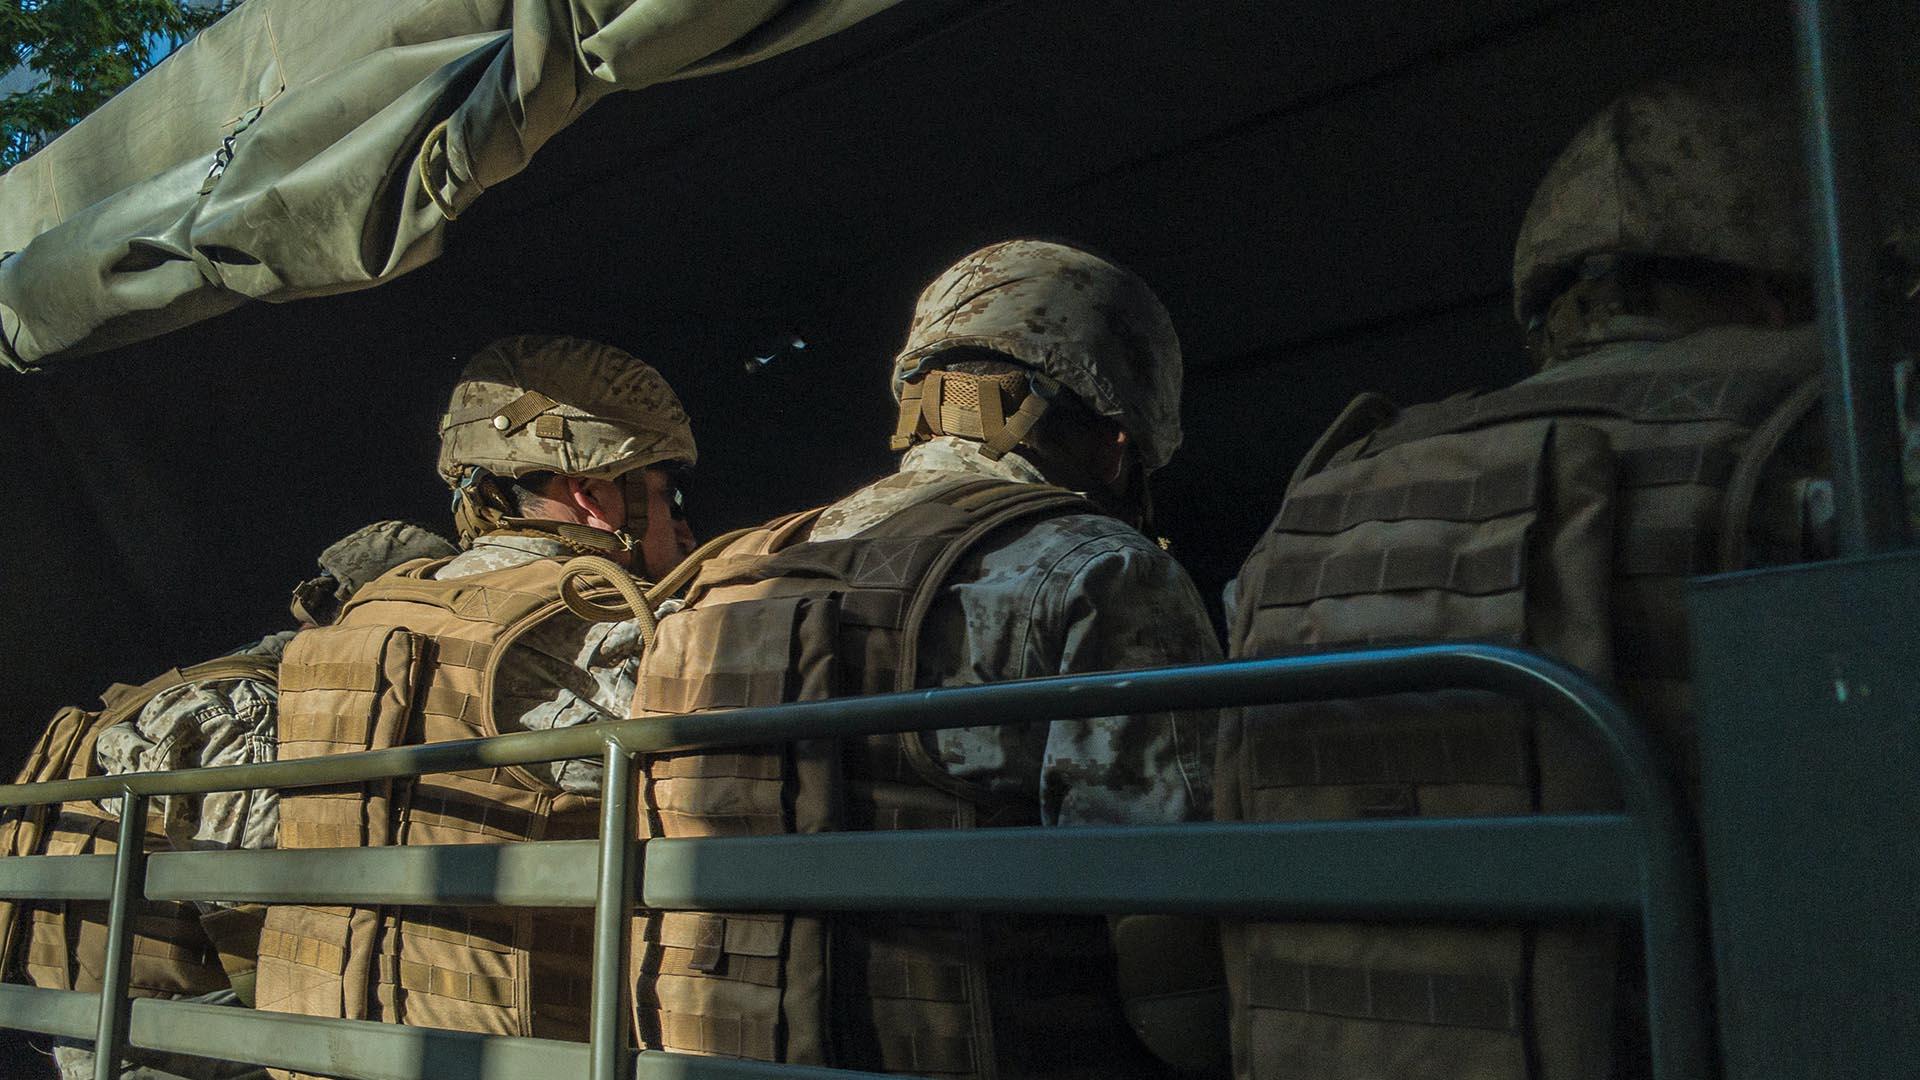 Armeija ennen opintoja vai opintojen aikana?